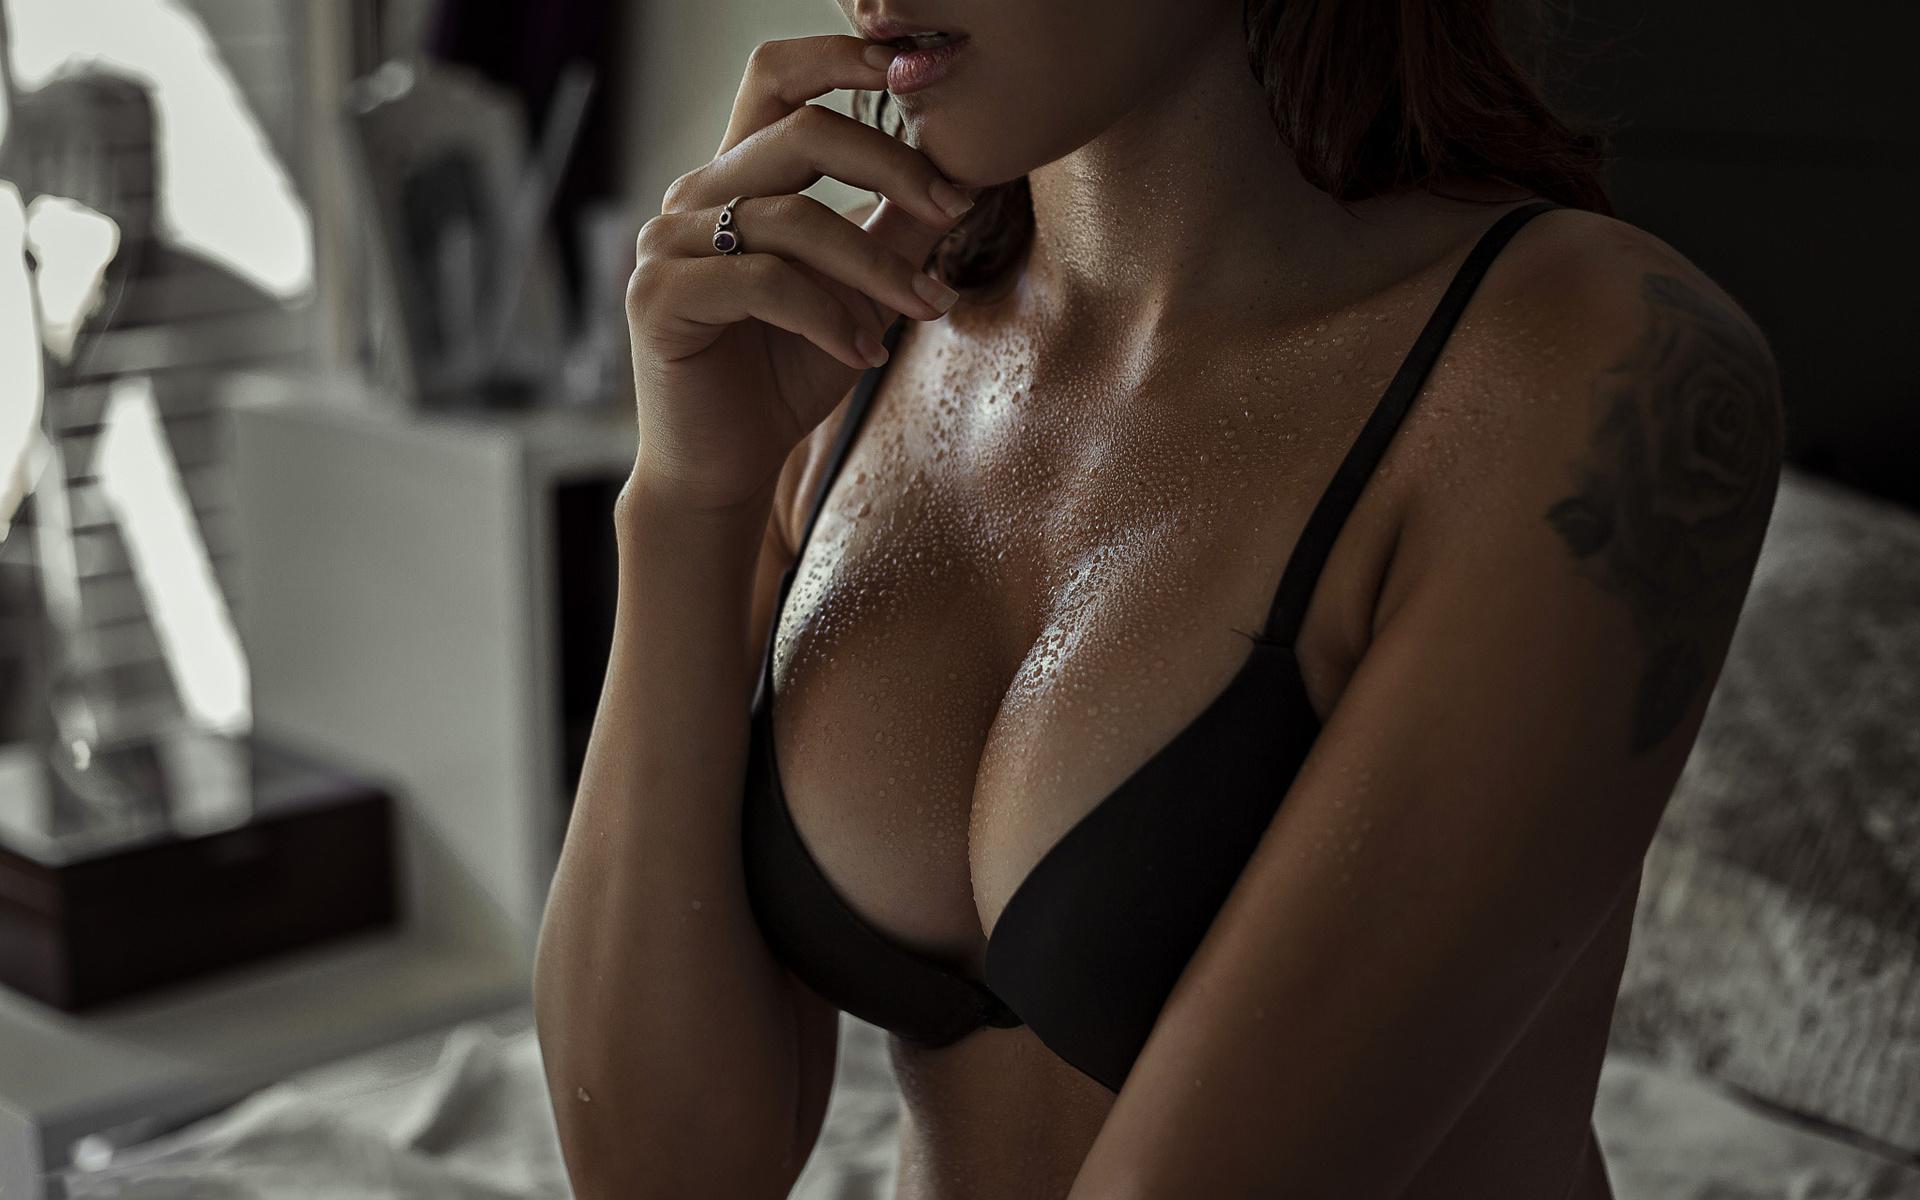 невозможно красивые груди в картинках несет ответственности